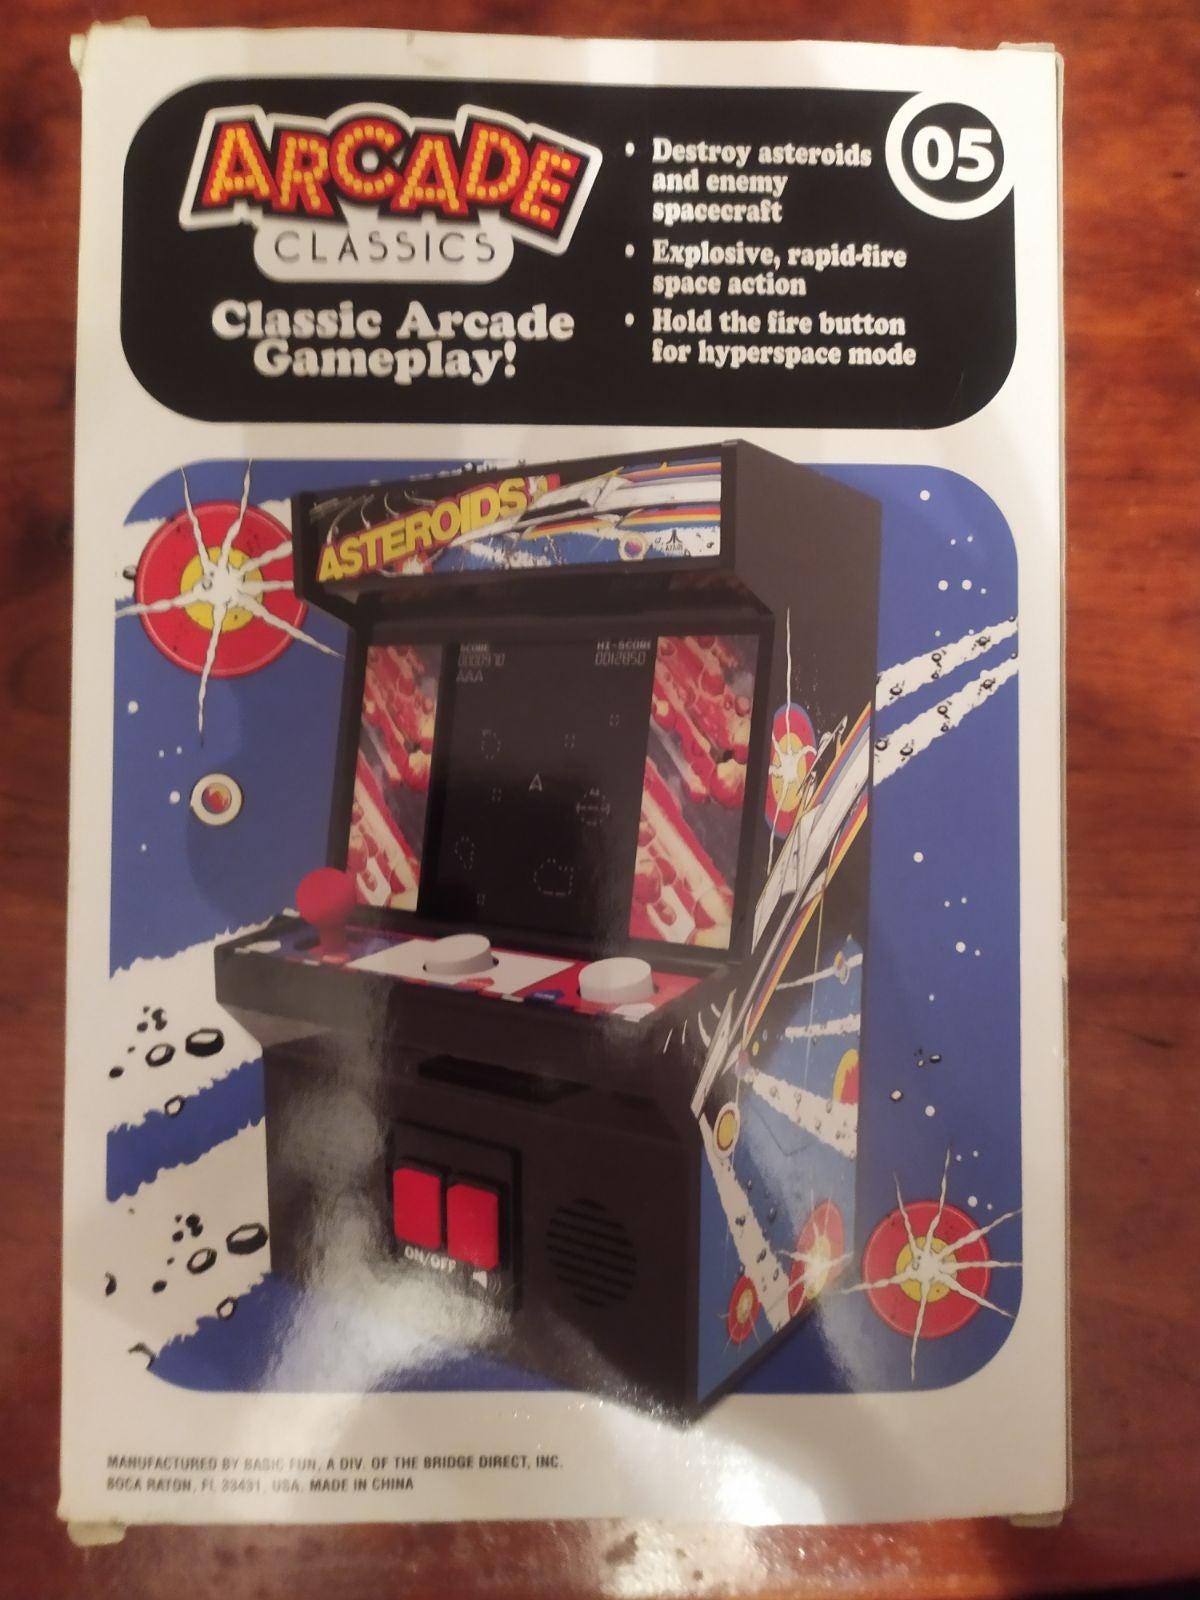 Arcade classics astroids